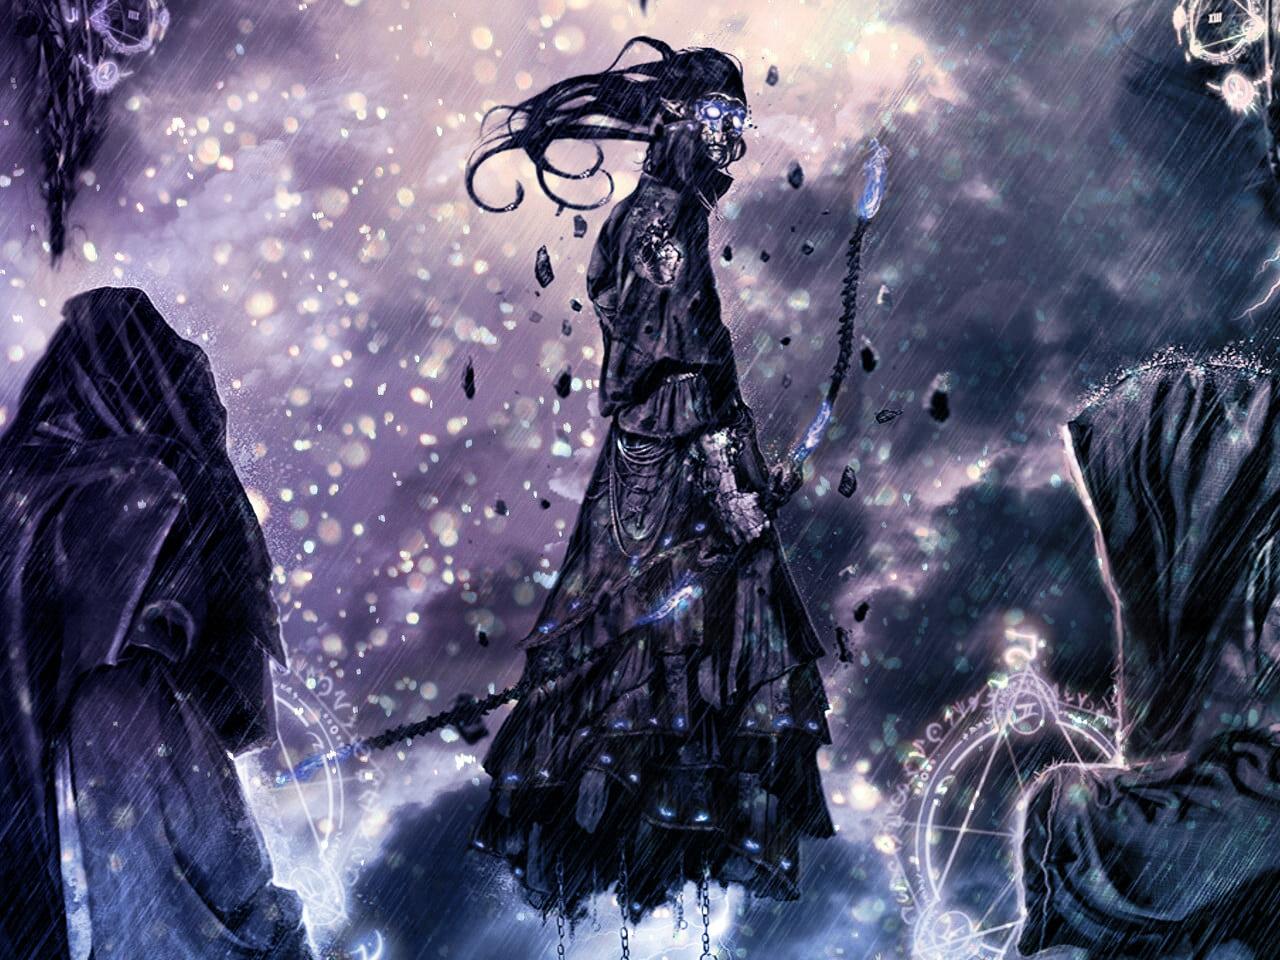 archer-fantasy-art-red-eyes-grim-wallpaper-3